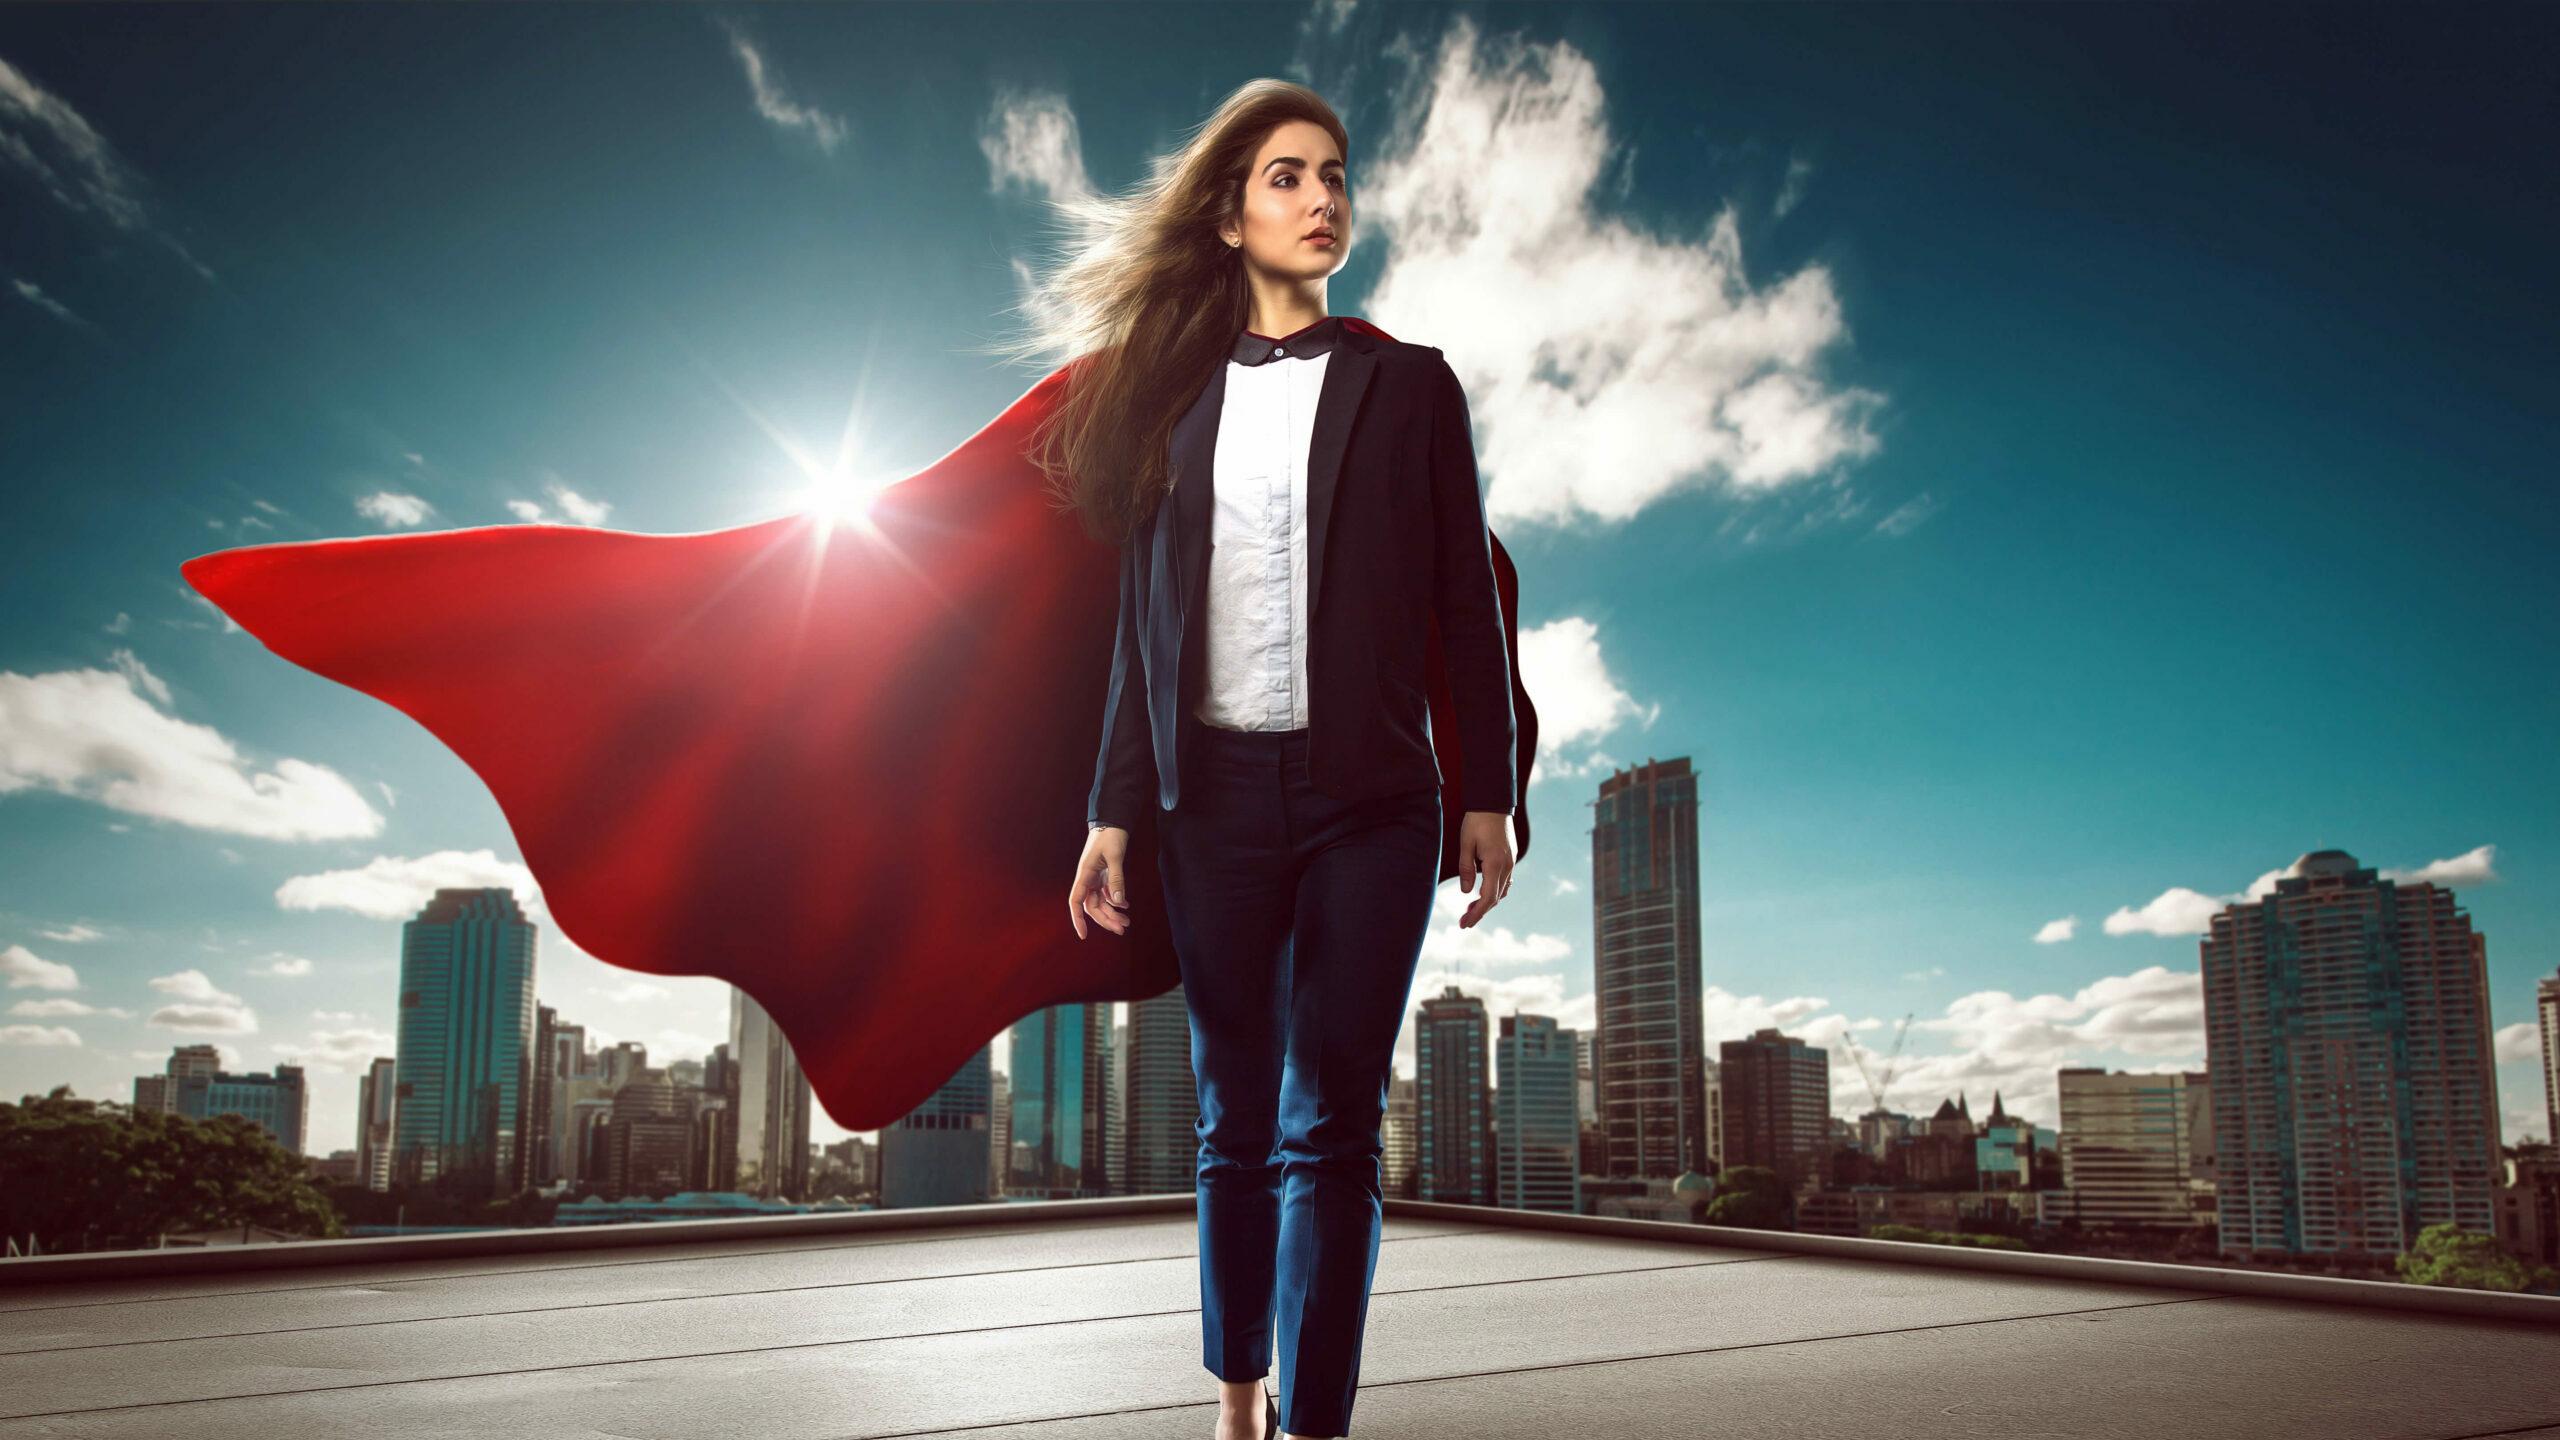 Schluss mit Führungsmythen: So gelingt echte Führung